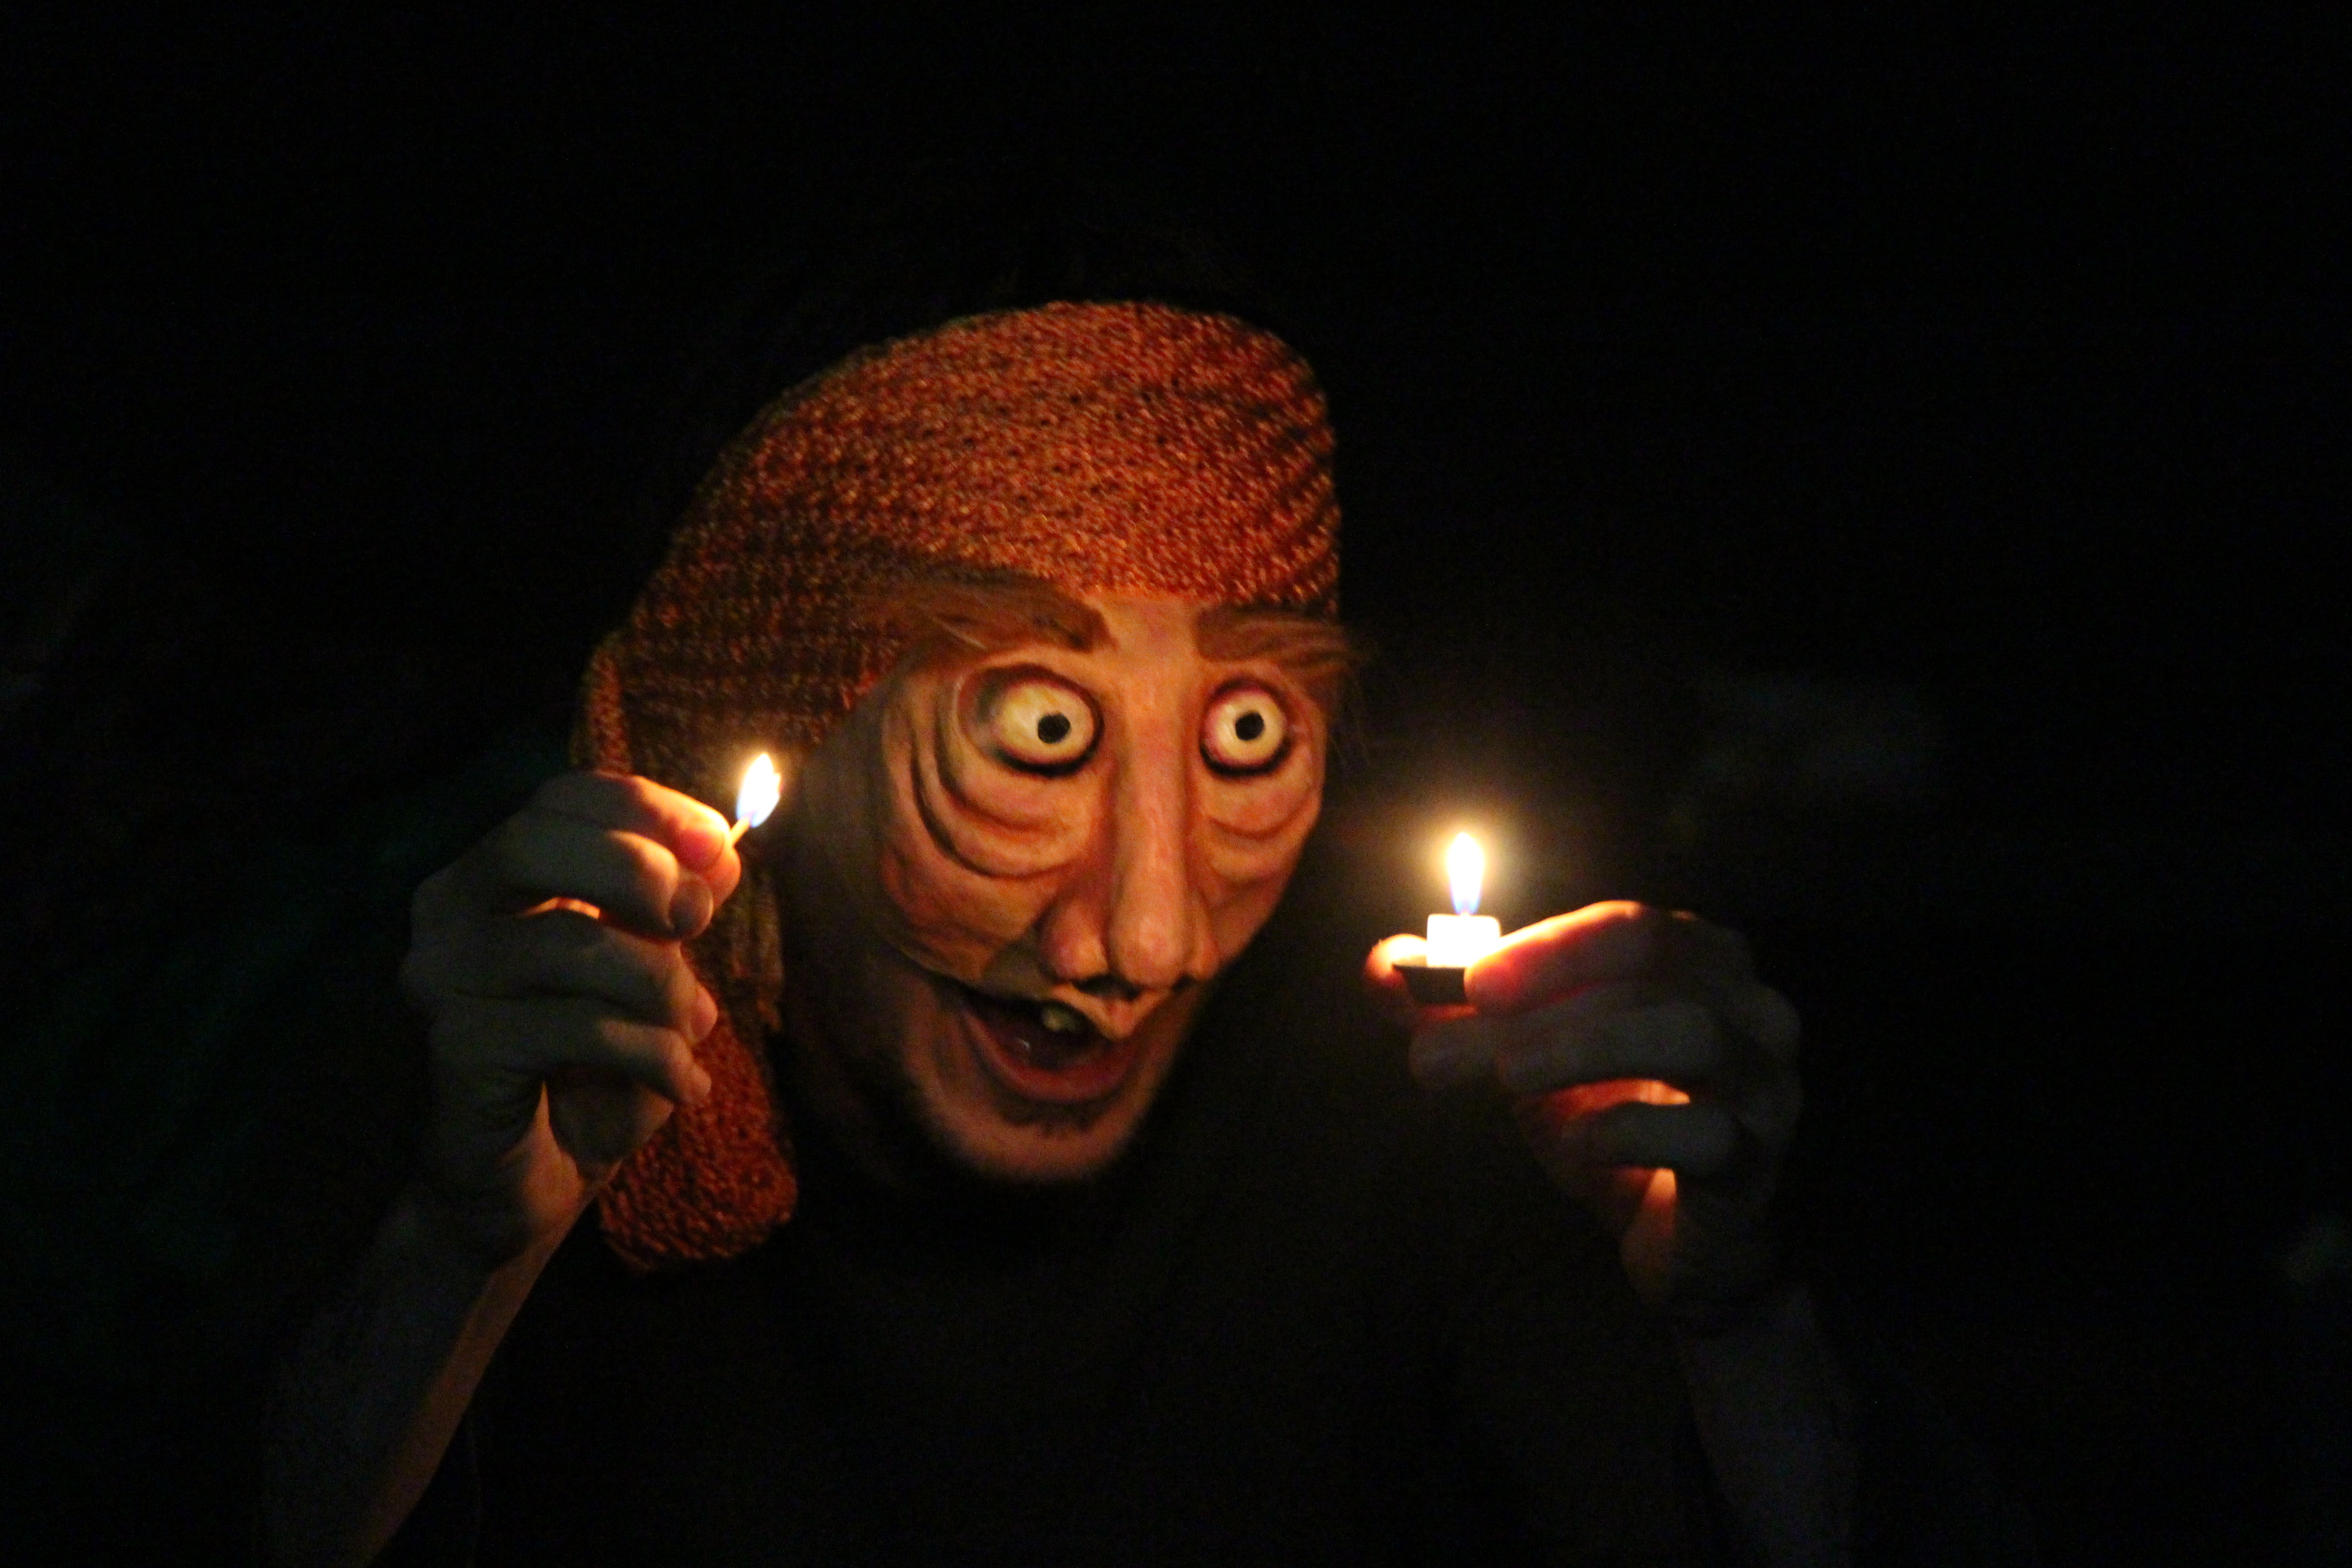 Trance Mask enchanted